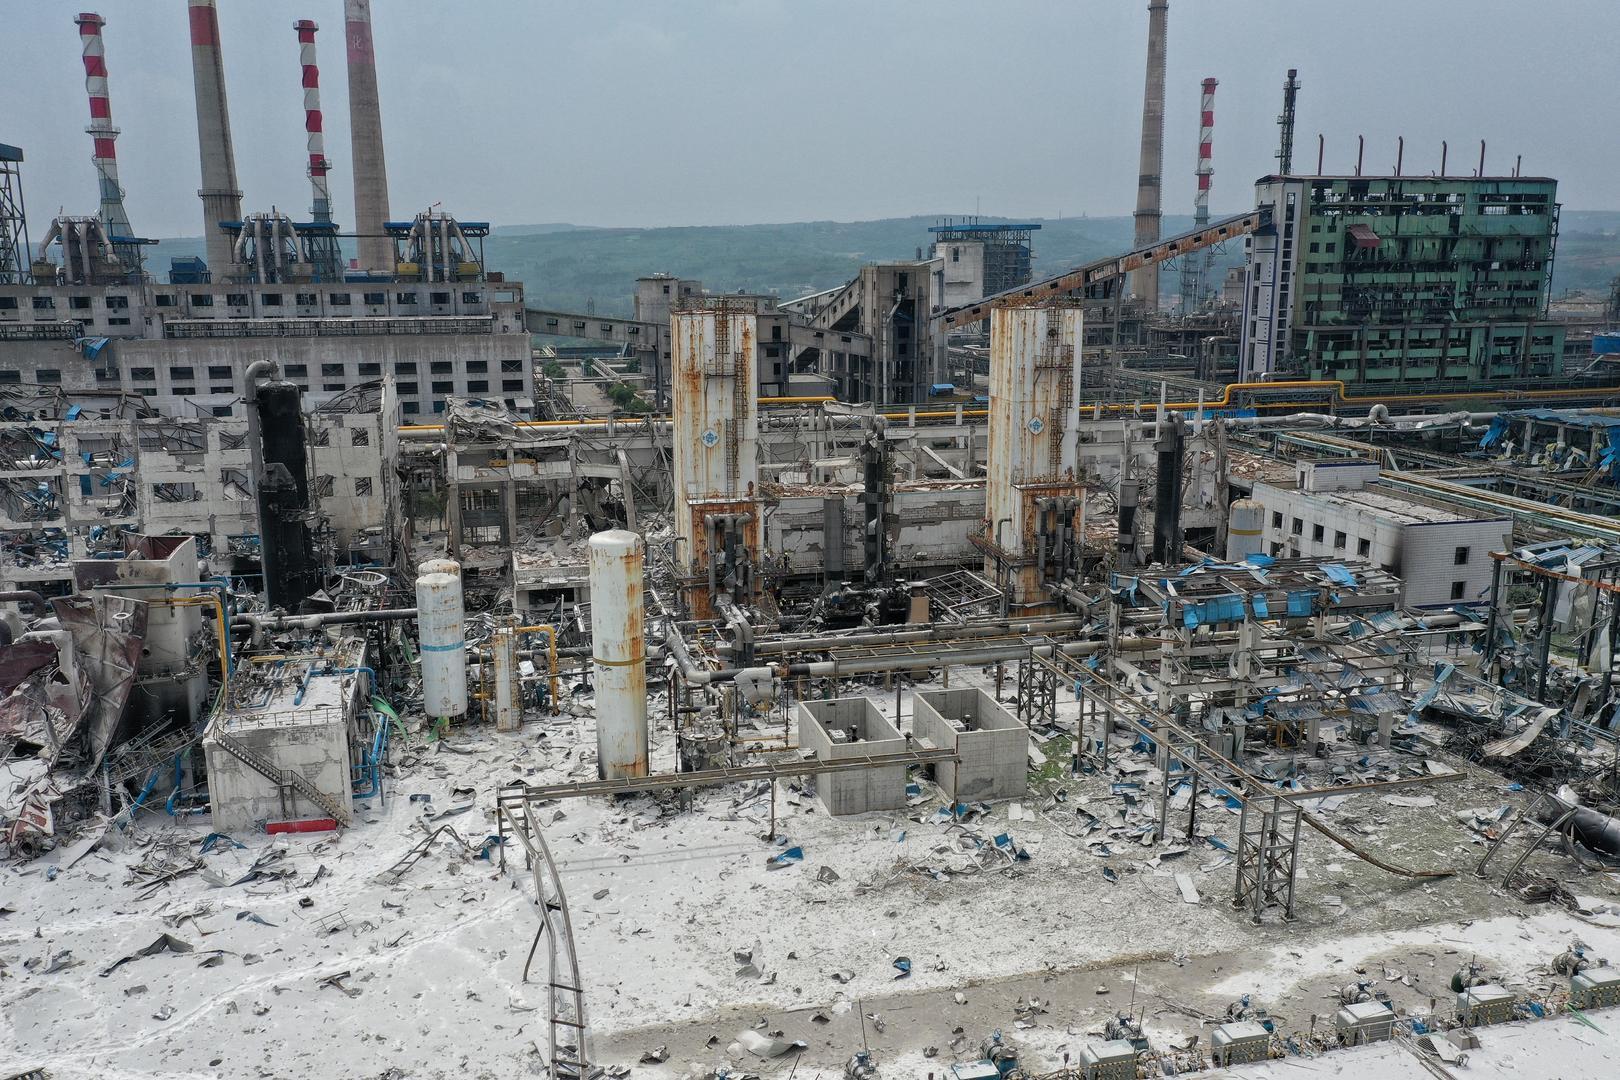 河南气化厂爆炸已致15人死亡 员工称爆炸时至少200人在岗